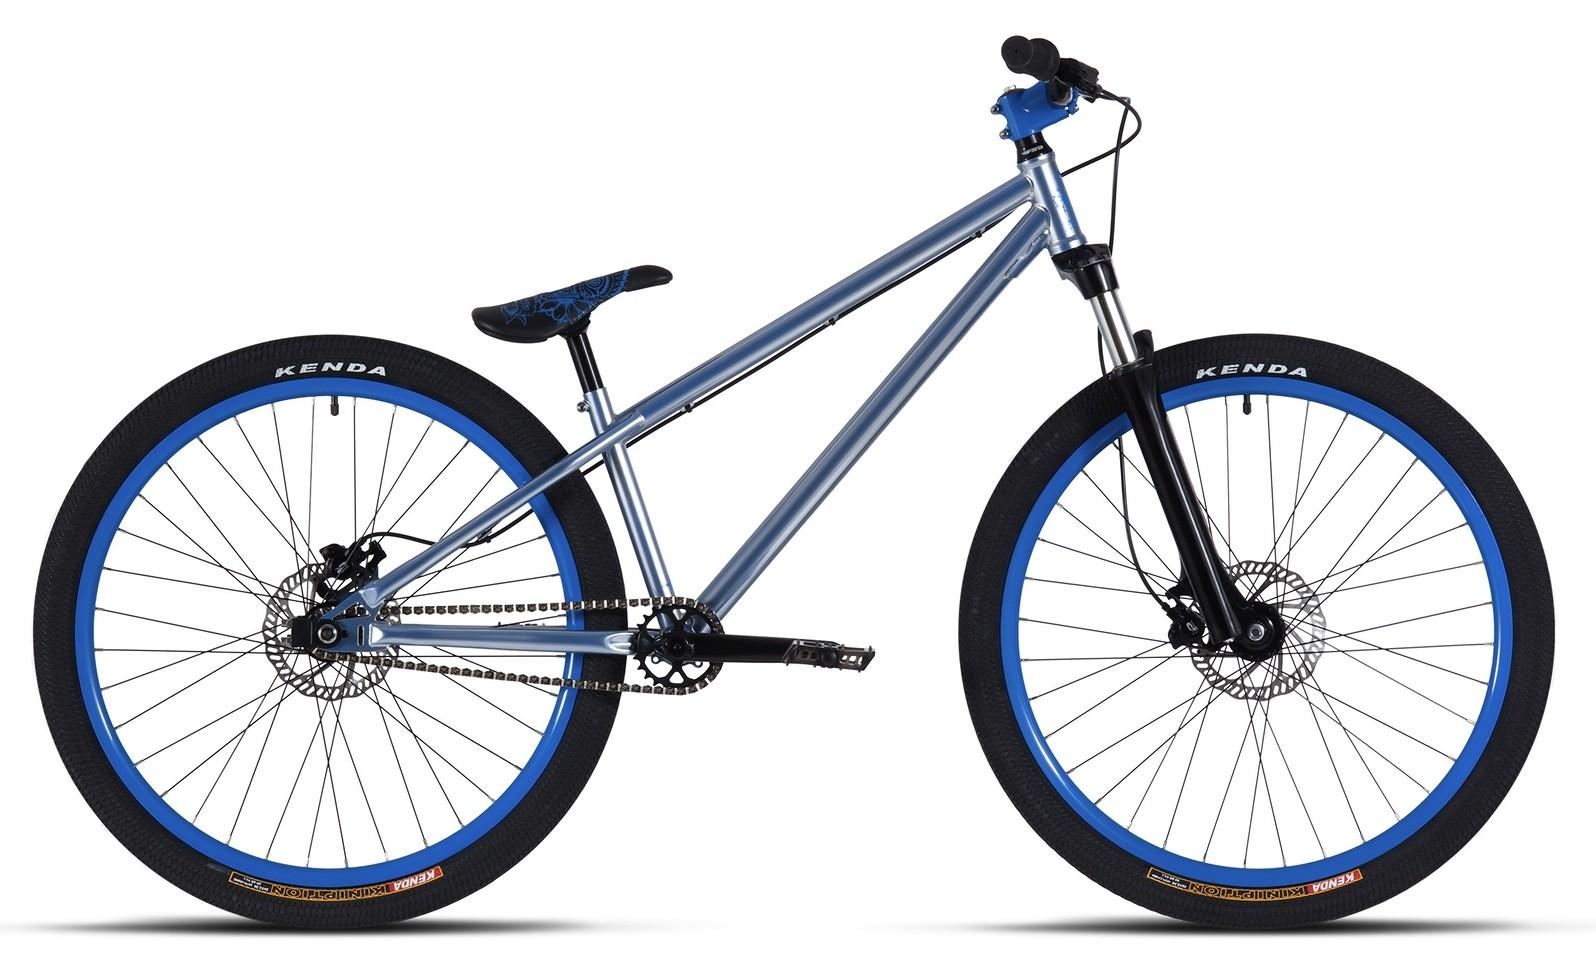 bike - mondraker quarter I